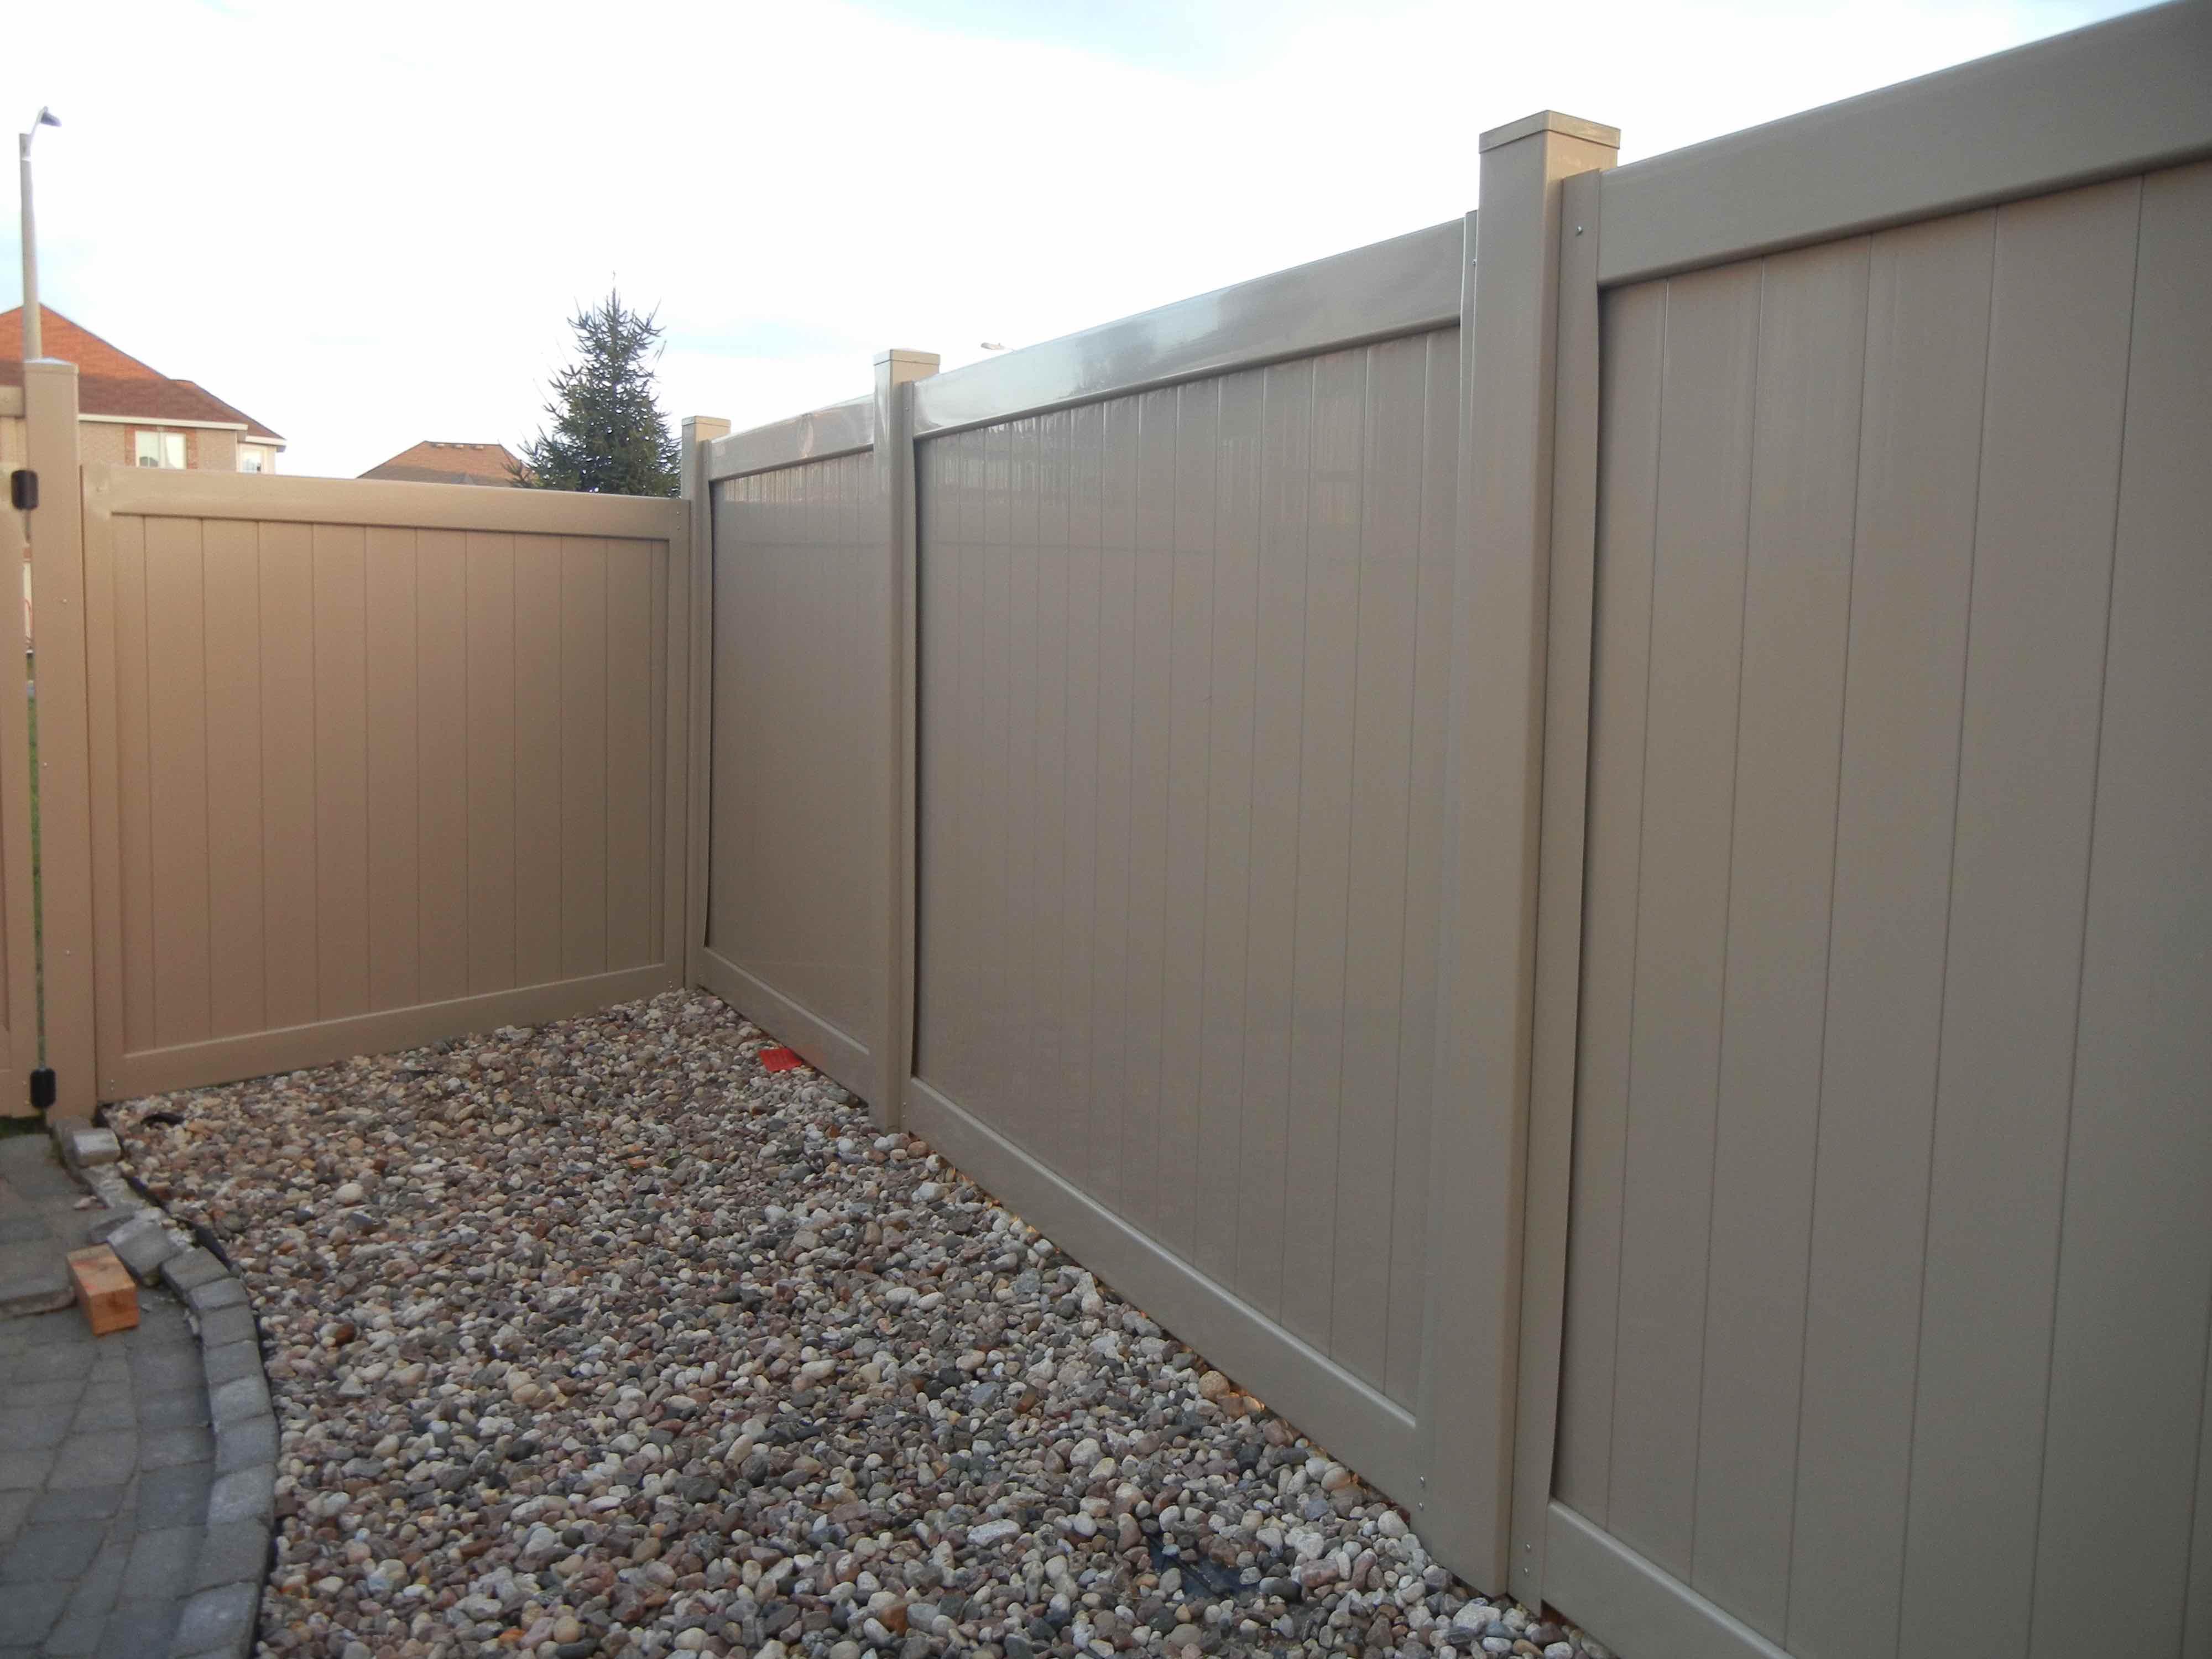 ottawa bakyrad PVC fence install